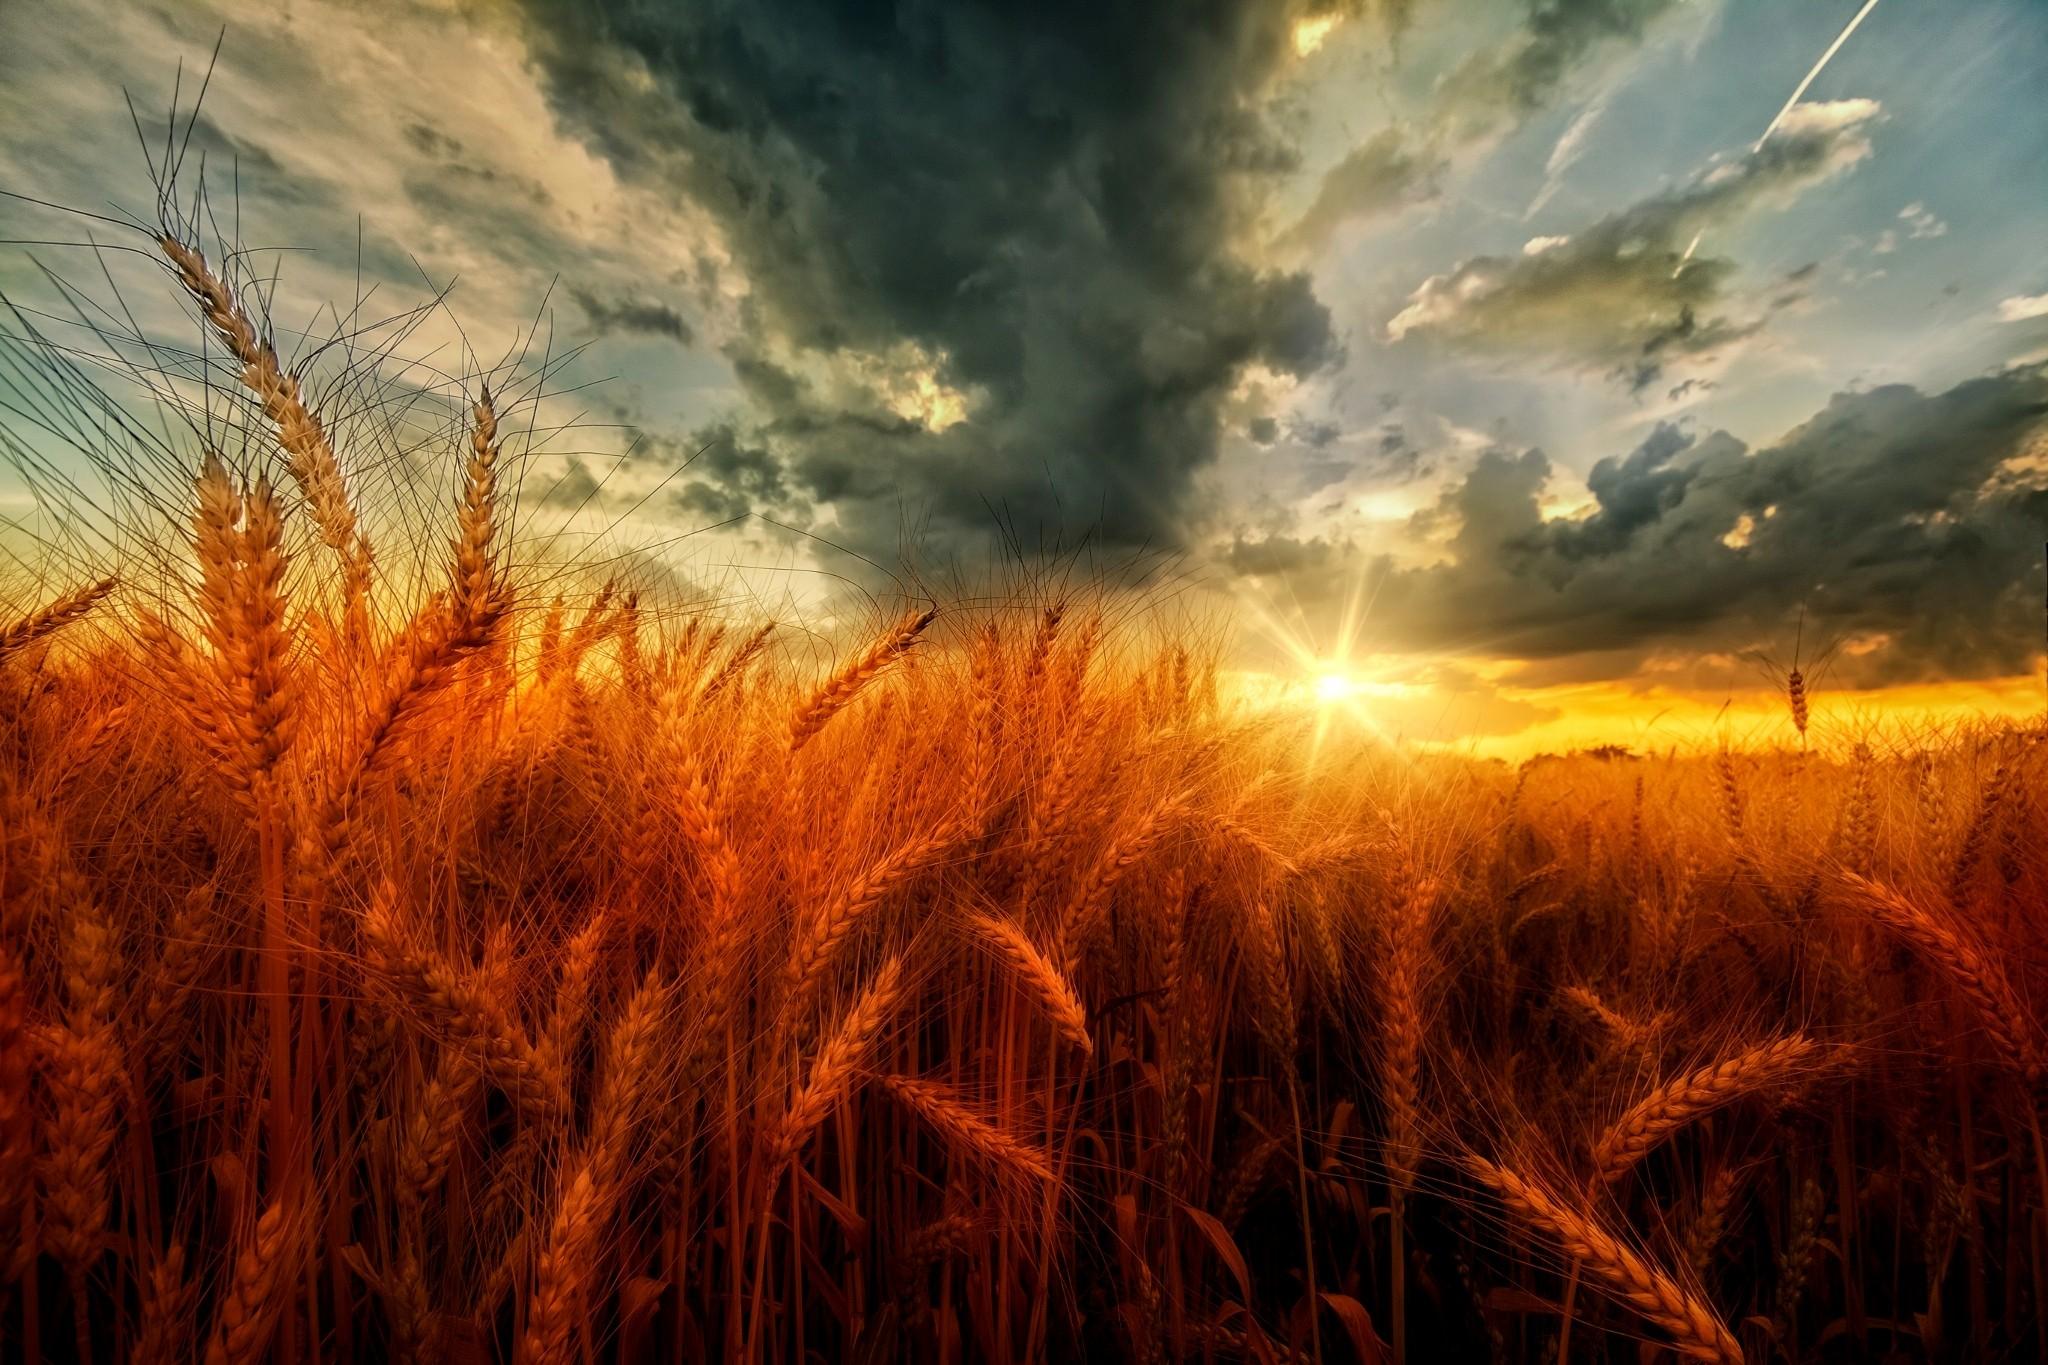 Картинка рассвет и пшеница